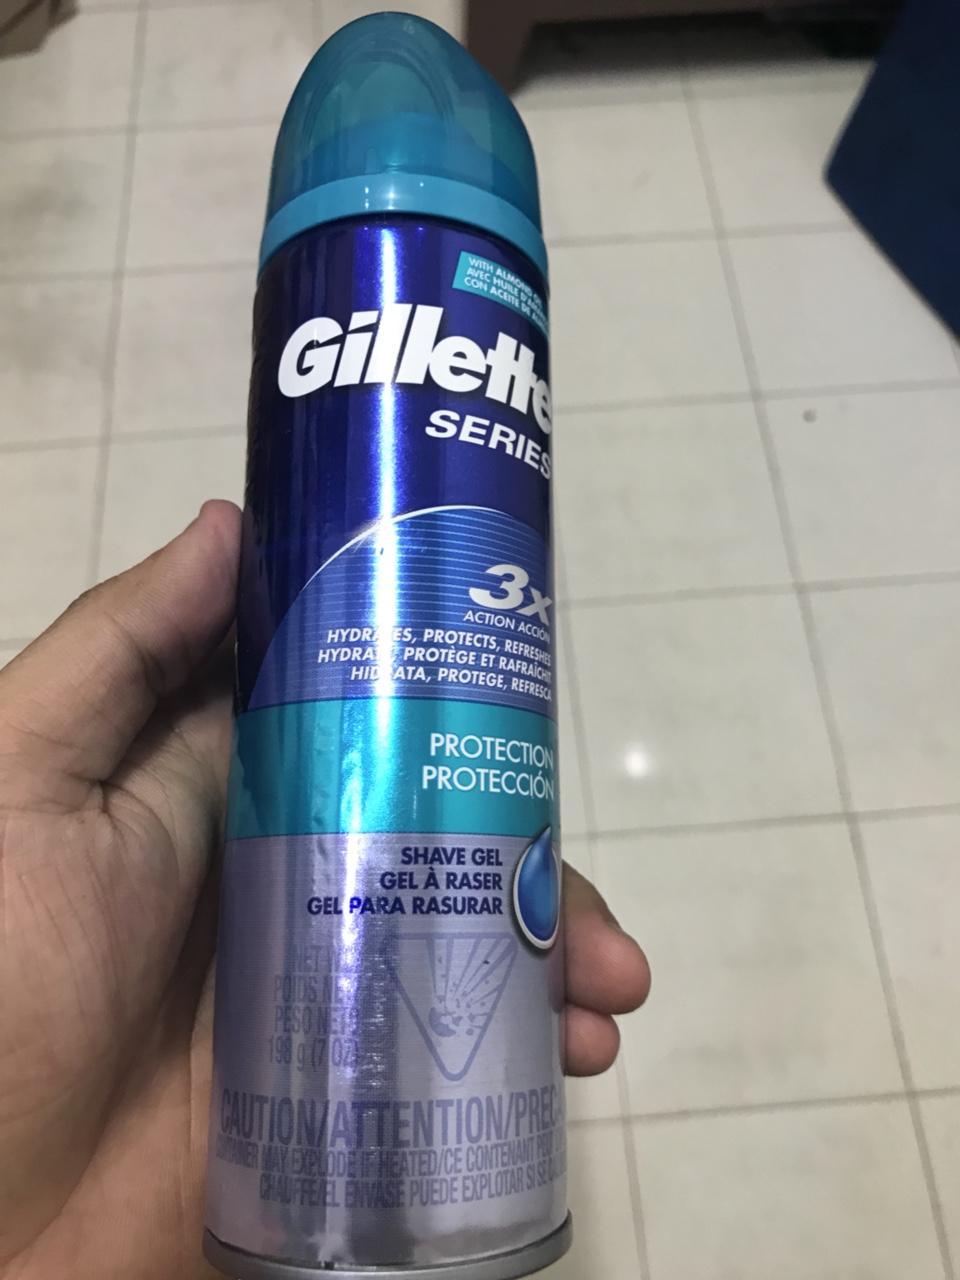 GEL CẠO RÂU GILLETTE SERIES 198g (nắp xanh dương) nhập khẩu